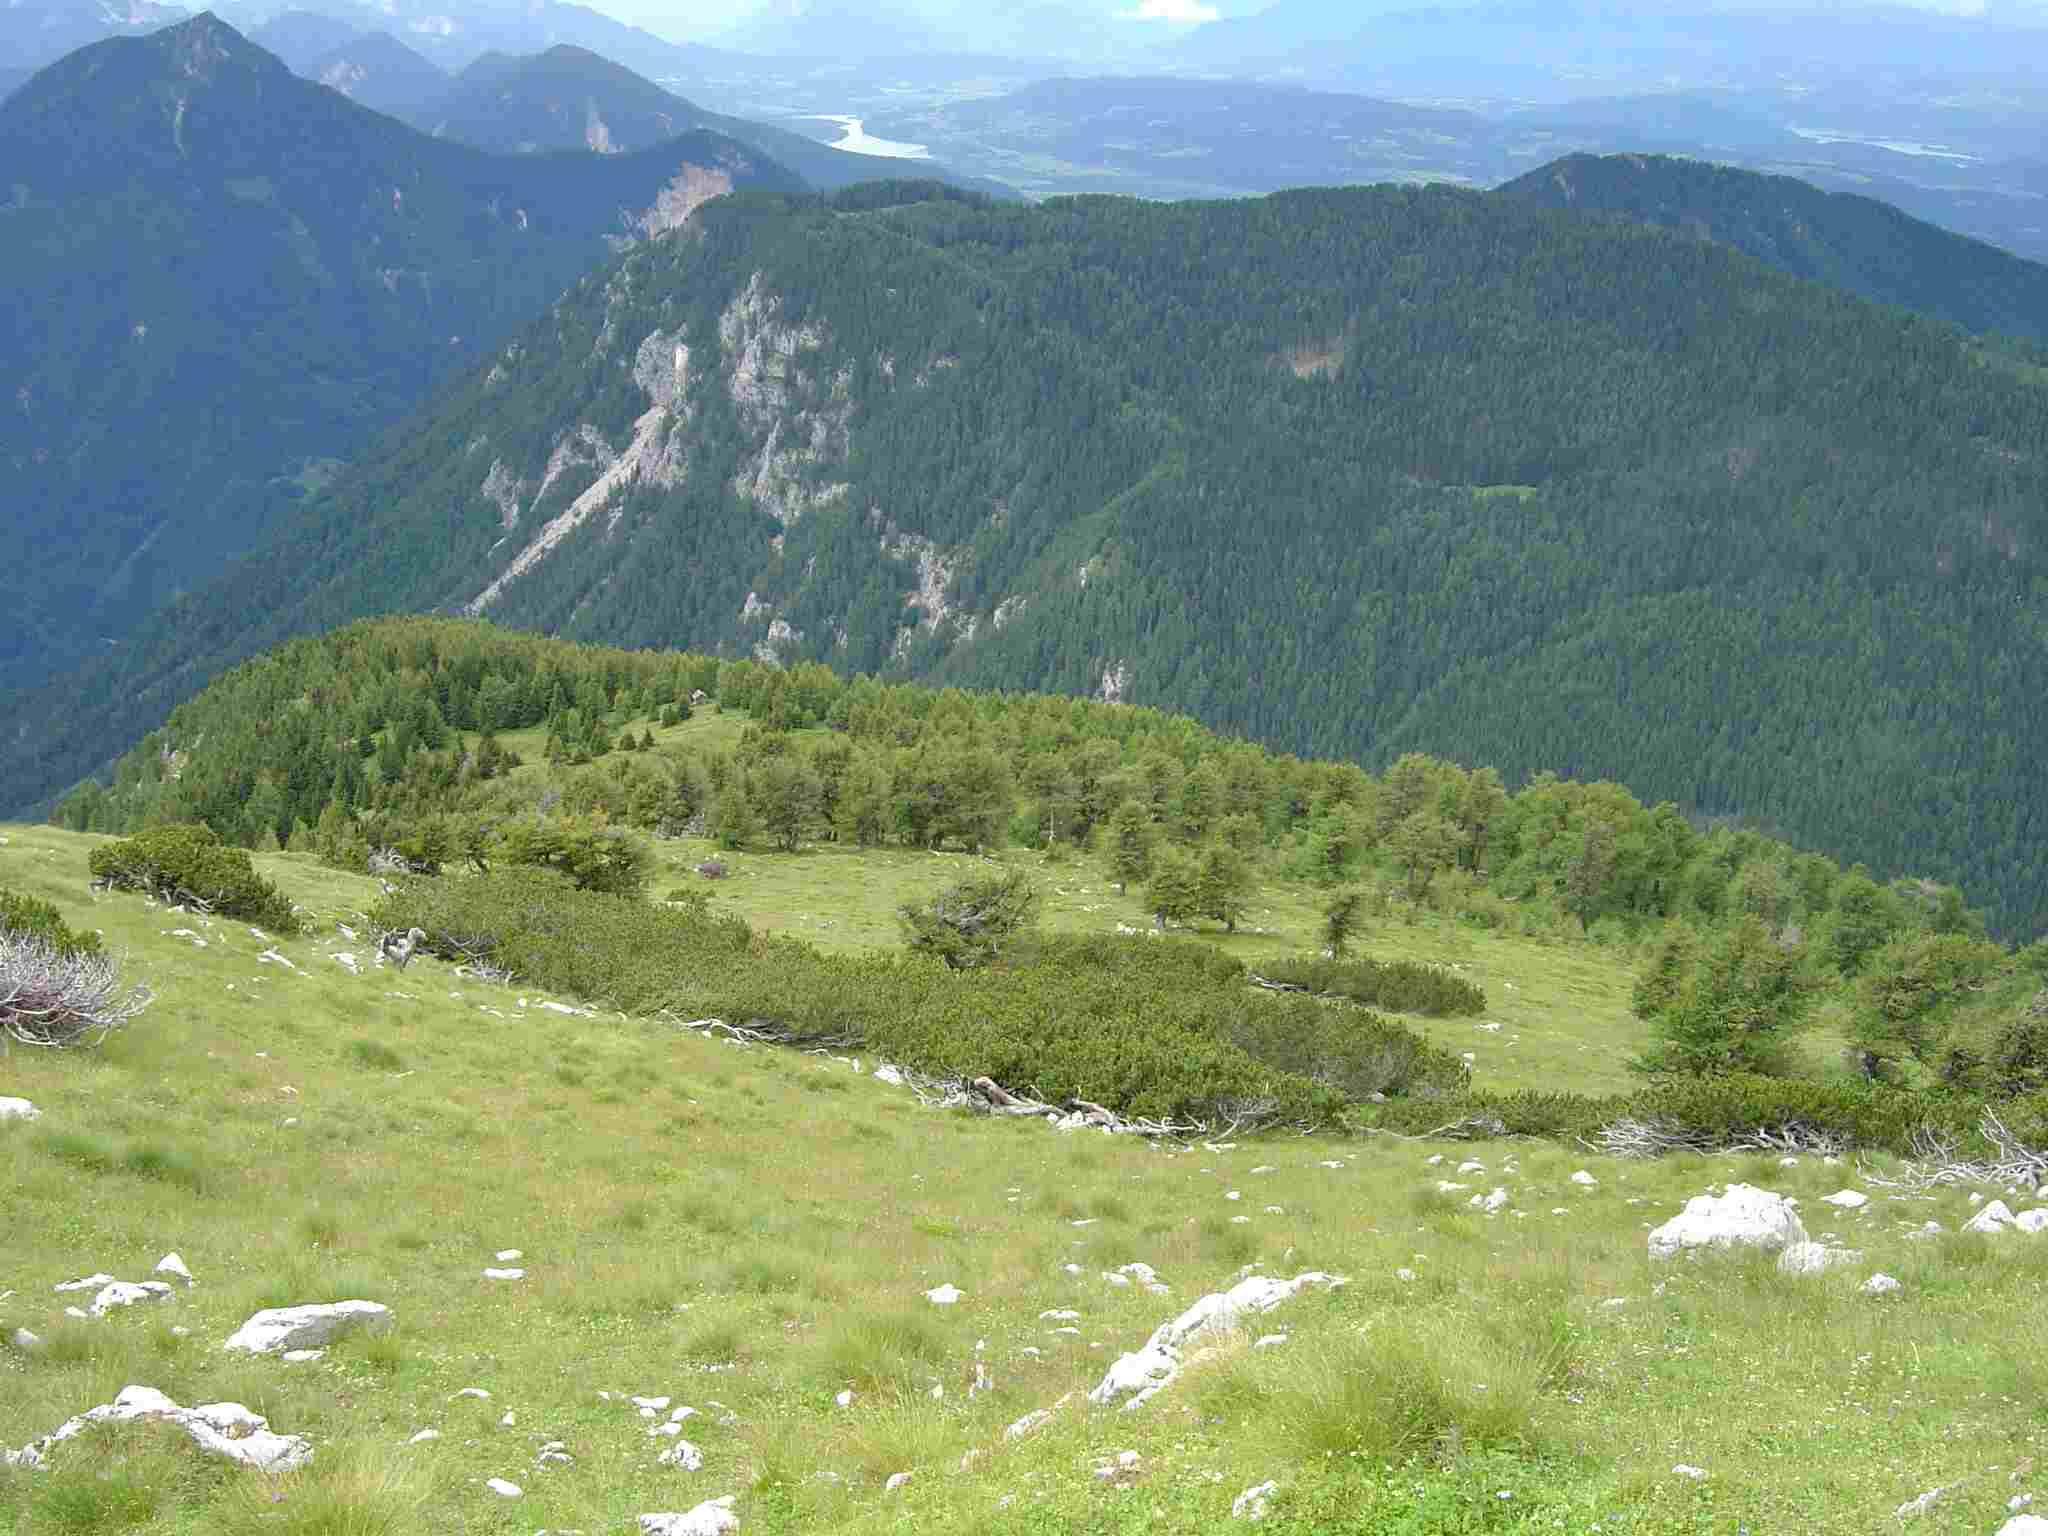 Foto: Manfred Karl / Wander Tour / Freiberg (Setitsche), 1923 m / Über den Gipfelhang schaut man westwärts hinunter zum Jauernik. / 05.05.2007 18:25:18